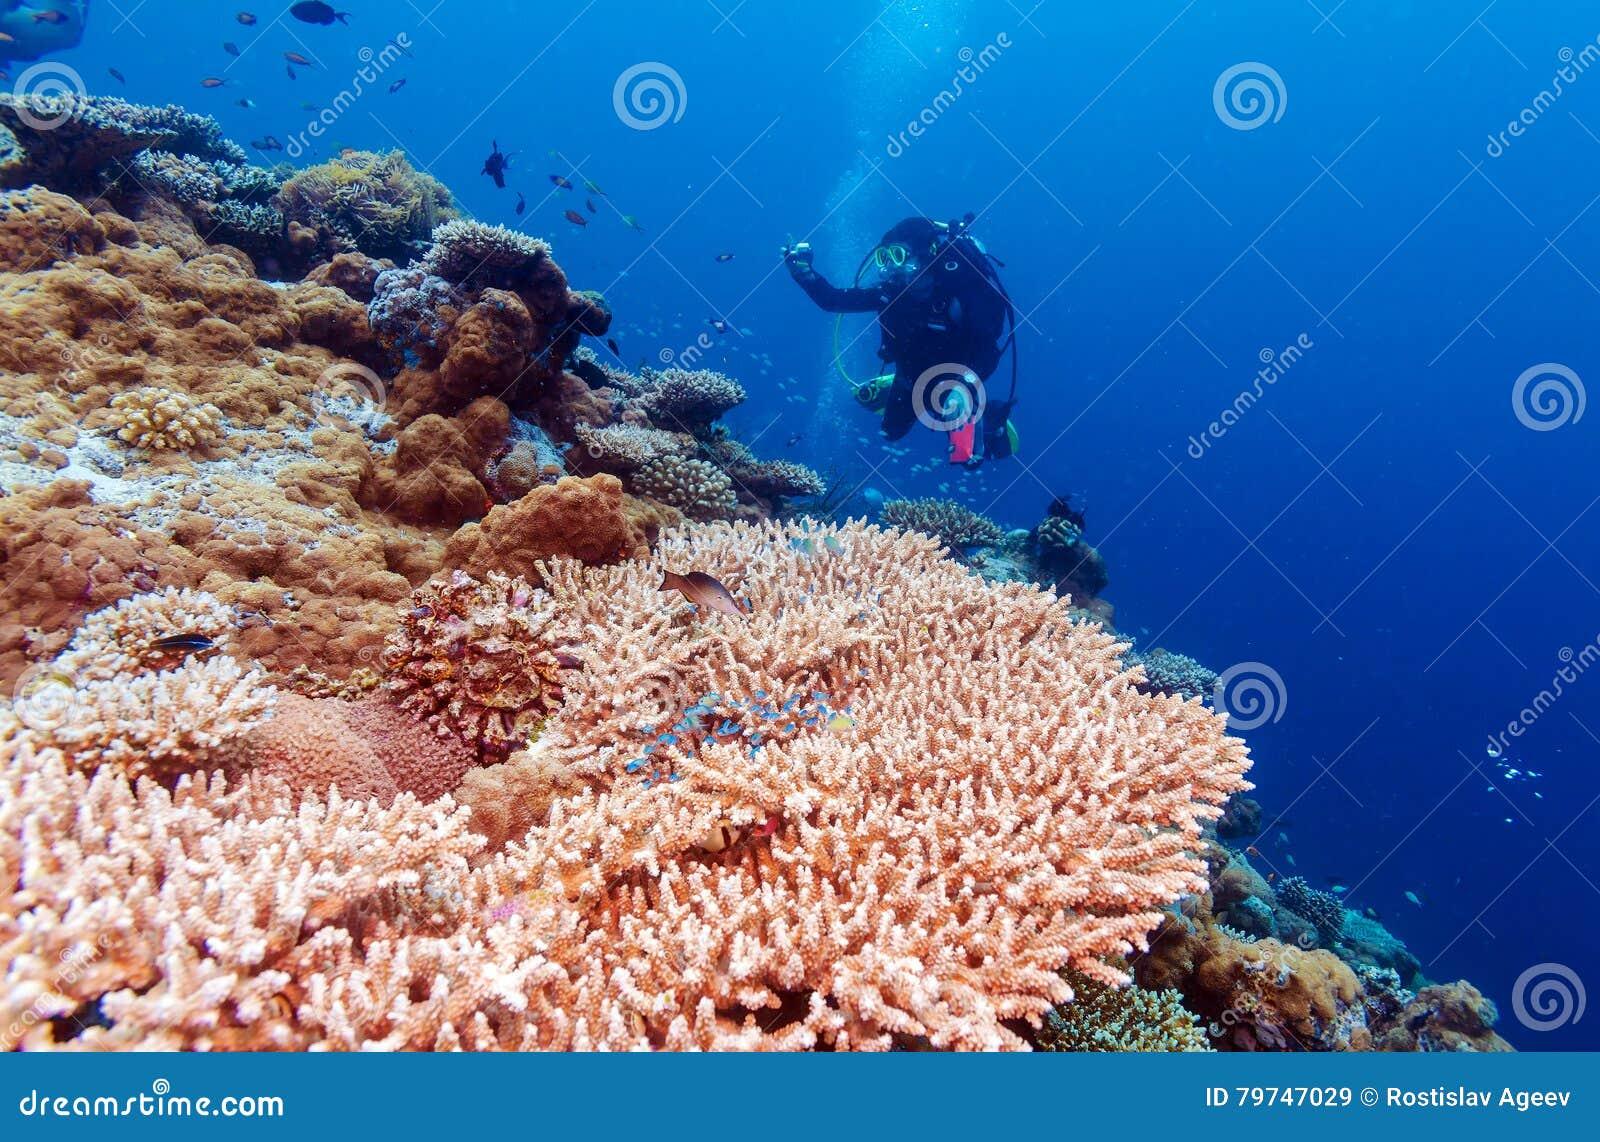 Paisaje subacuático con centenares de pescados